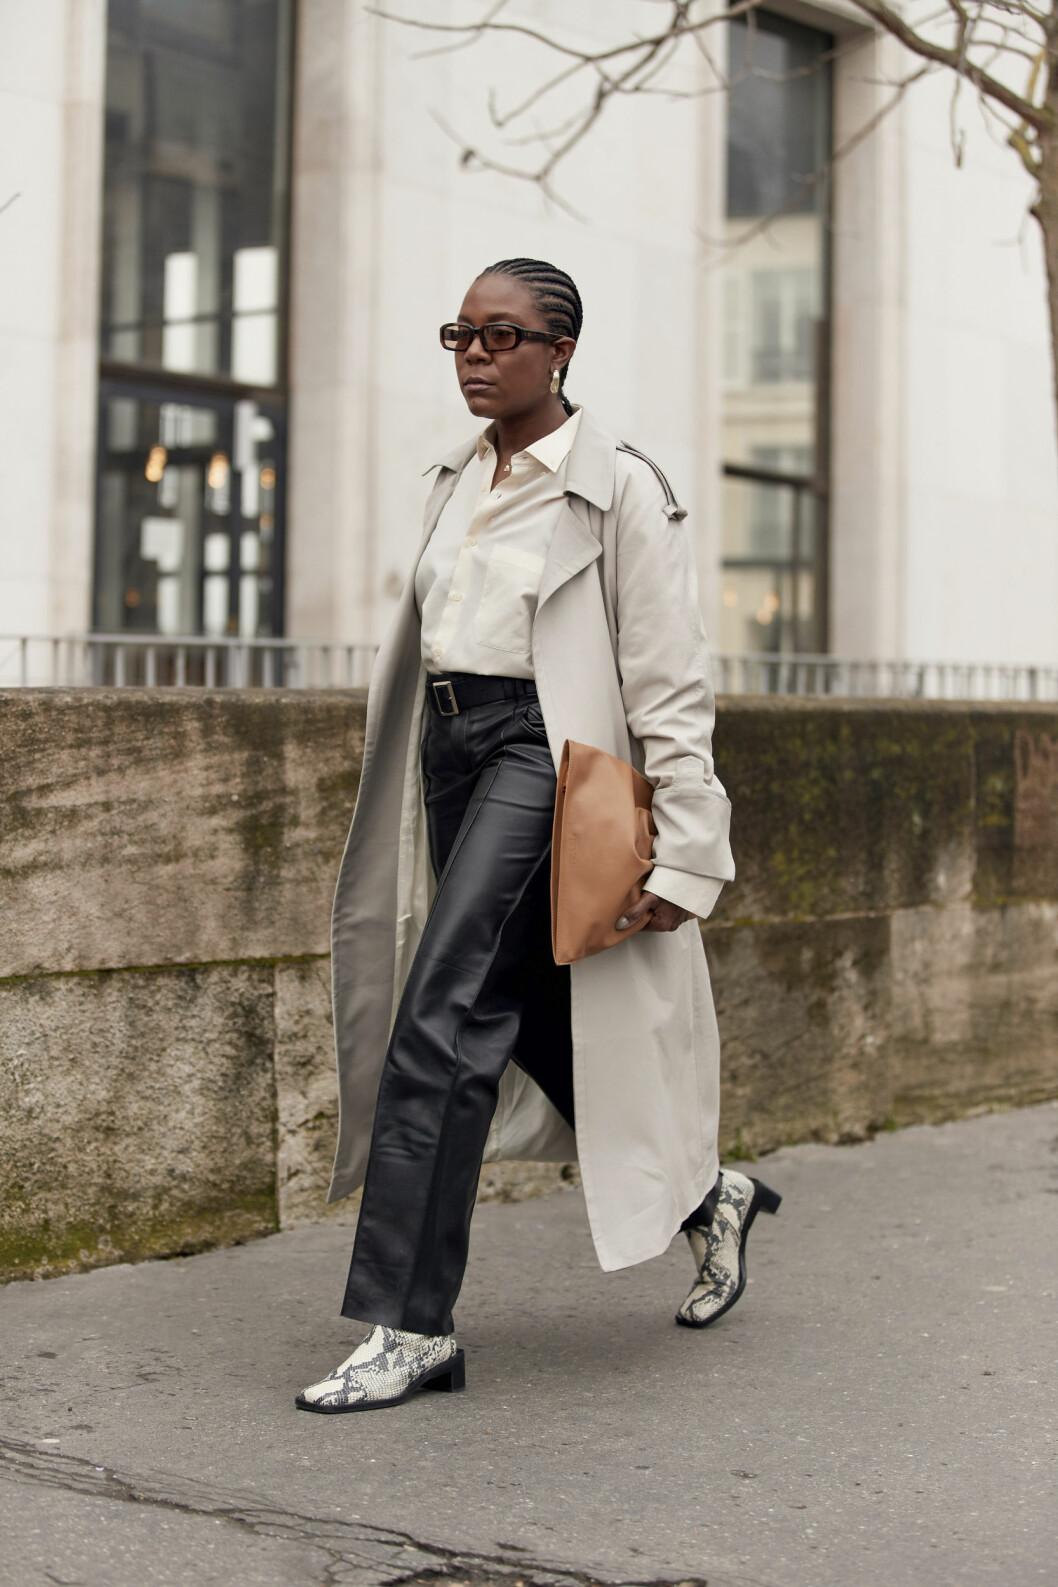 Streetstyle trenchcoat med skinnbyxor och skjorta.